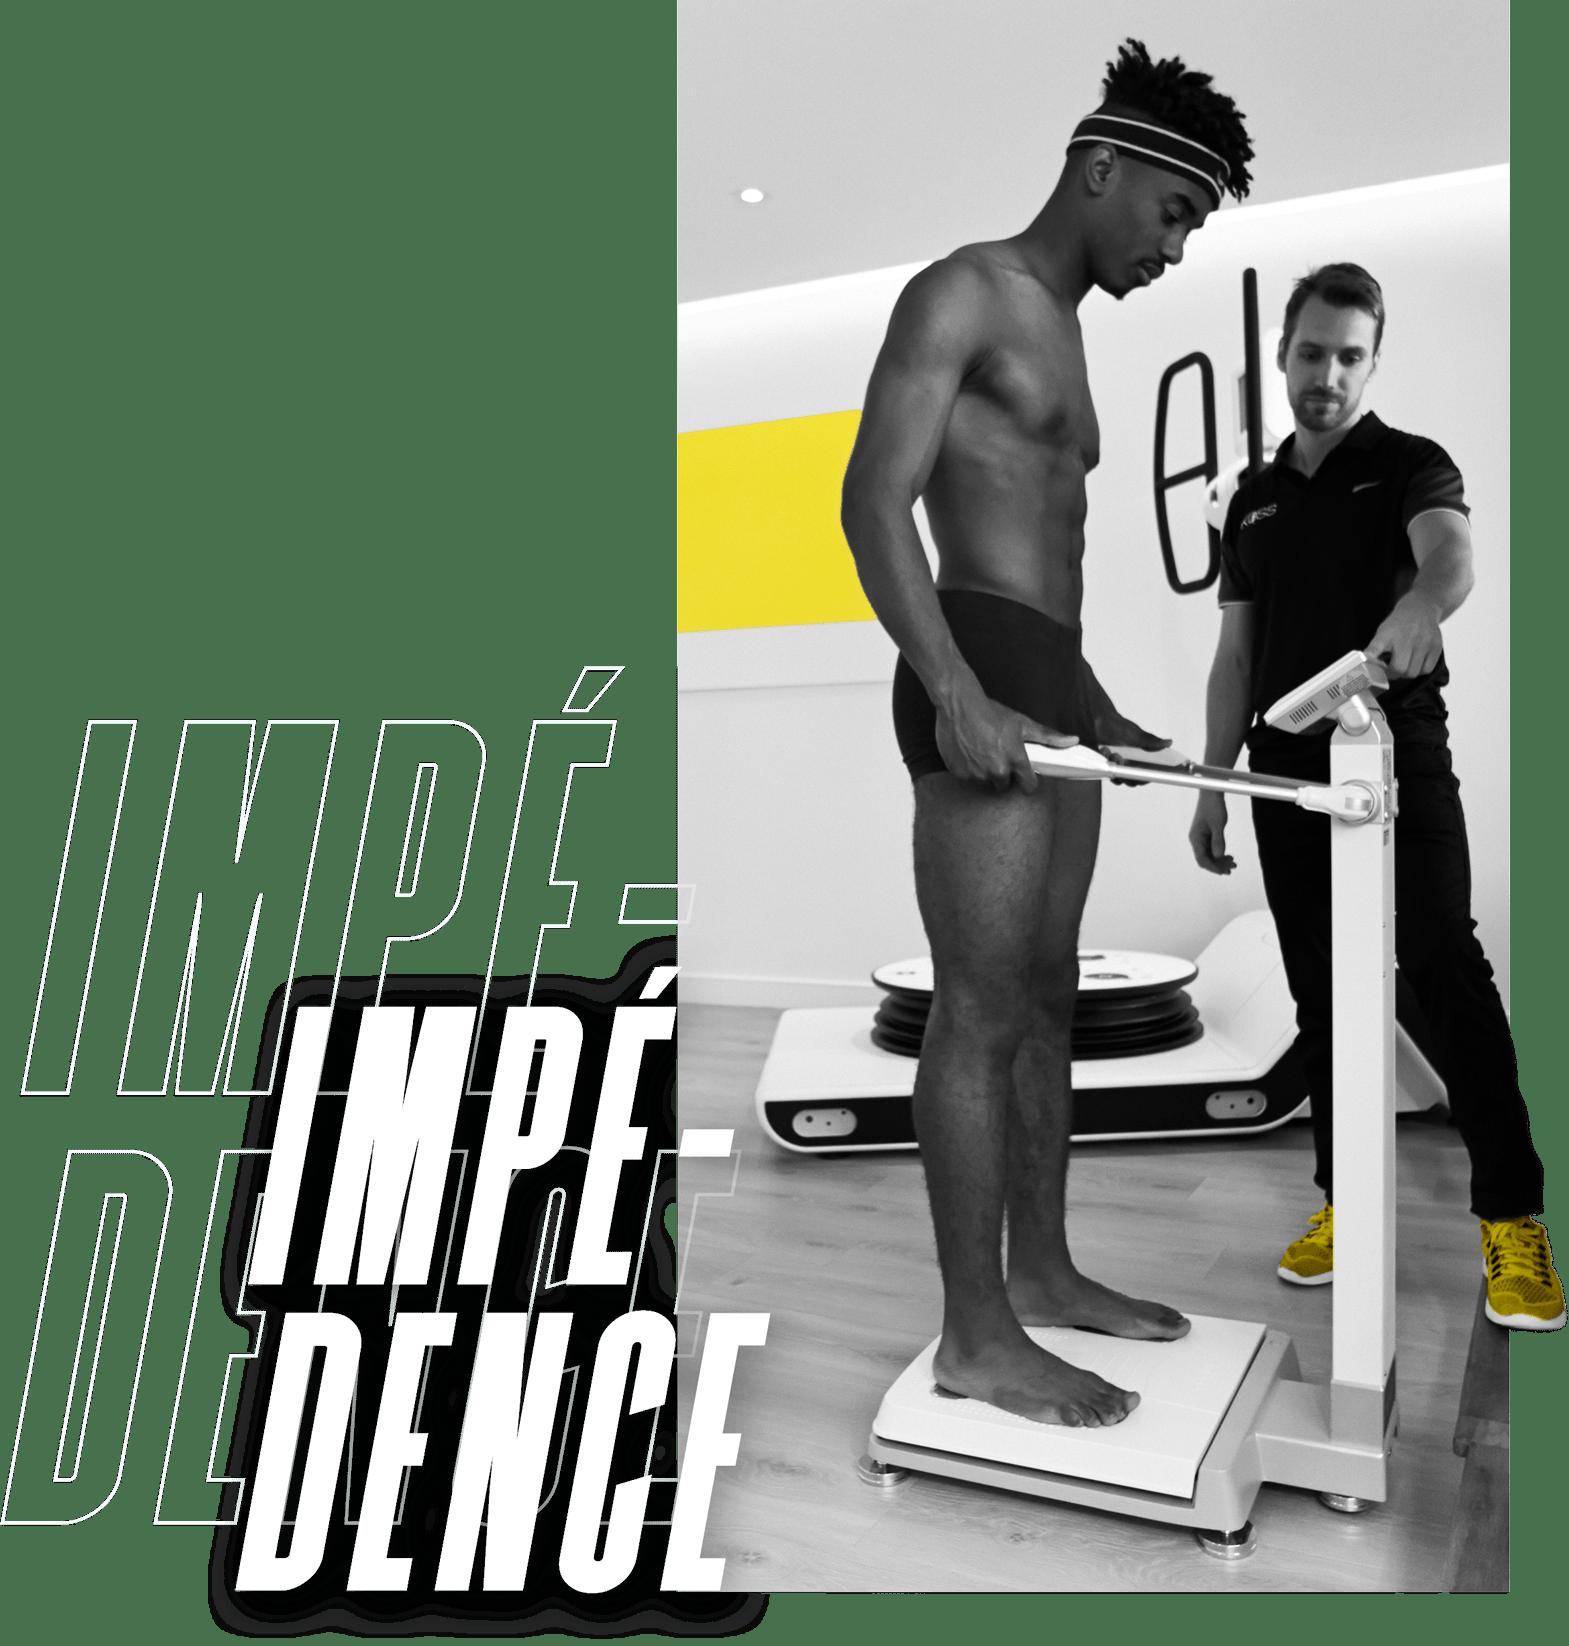 Séance de kiné à KOSS Paris avec un coach et un patient en séance de kinésithérapie du sport avec un bilan training - impédance